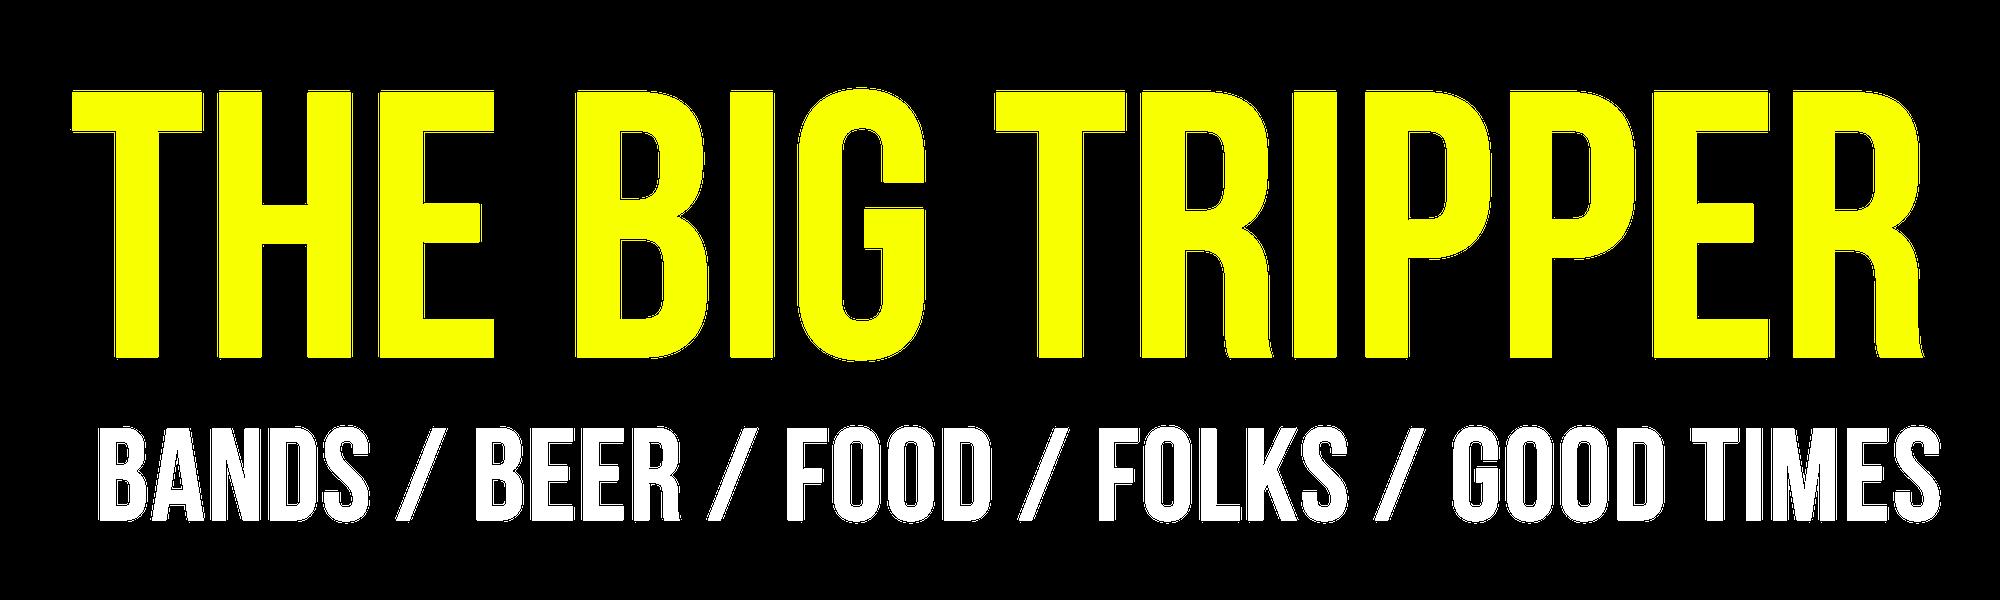 The Big Tripper